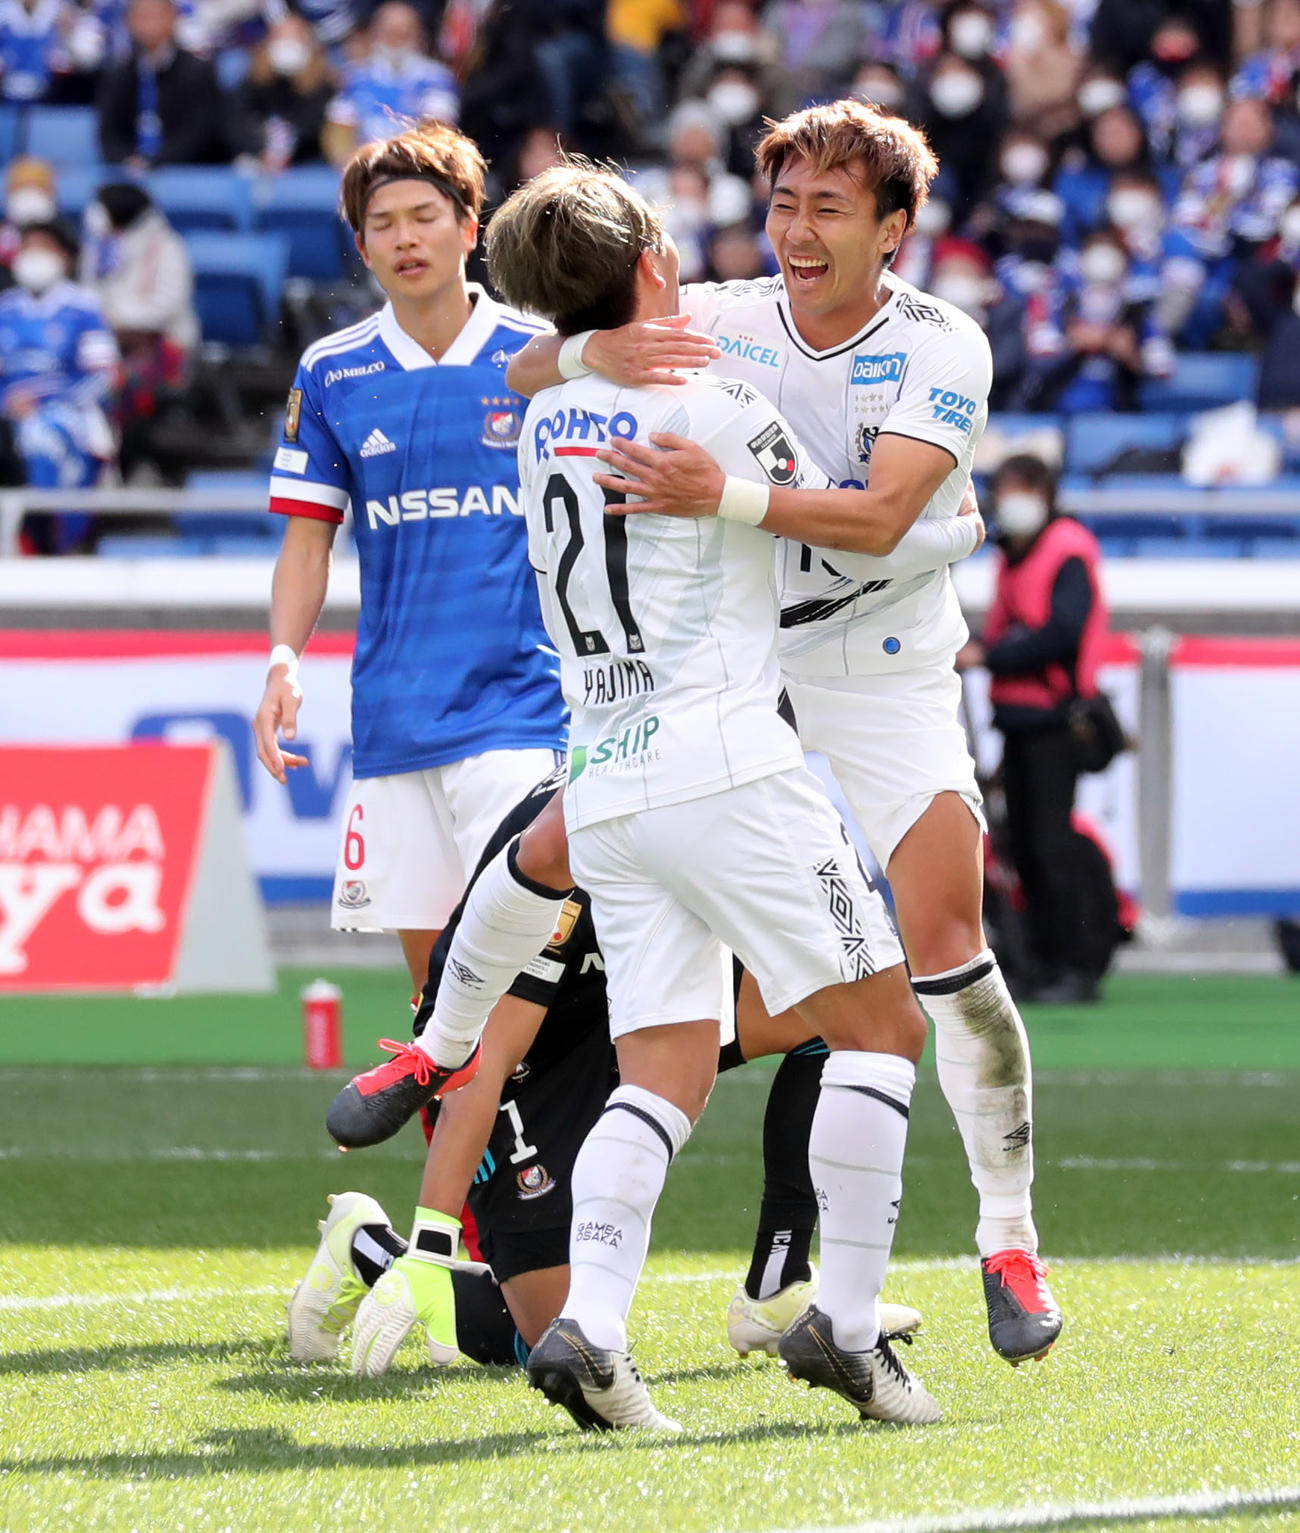 横浜対G大阪 前半、G大阪MF矢島(中央)が2点目のゴールを決め抱き合って喜ぶMF倉田(右)(撮影・垰建太)